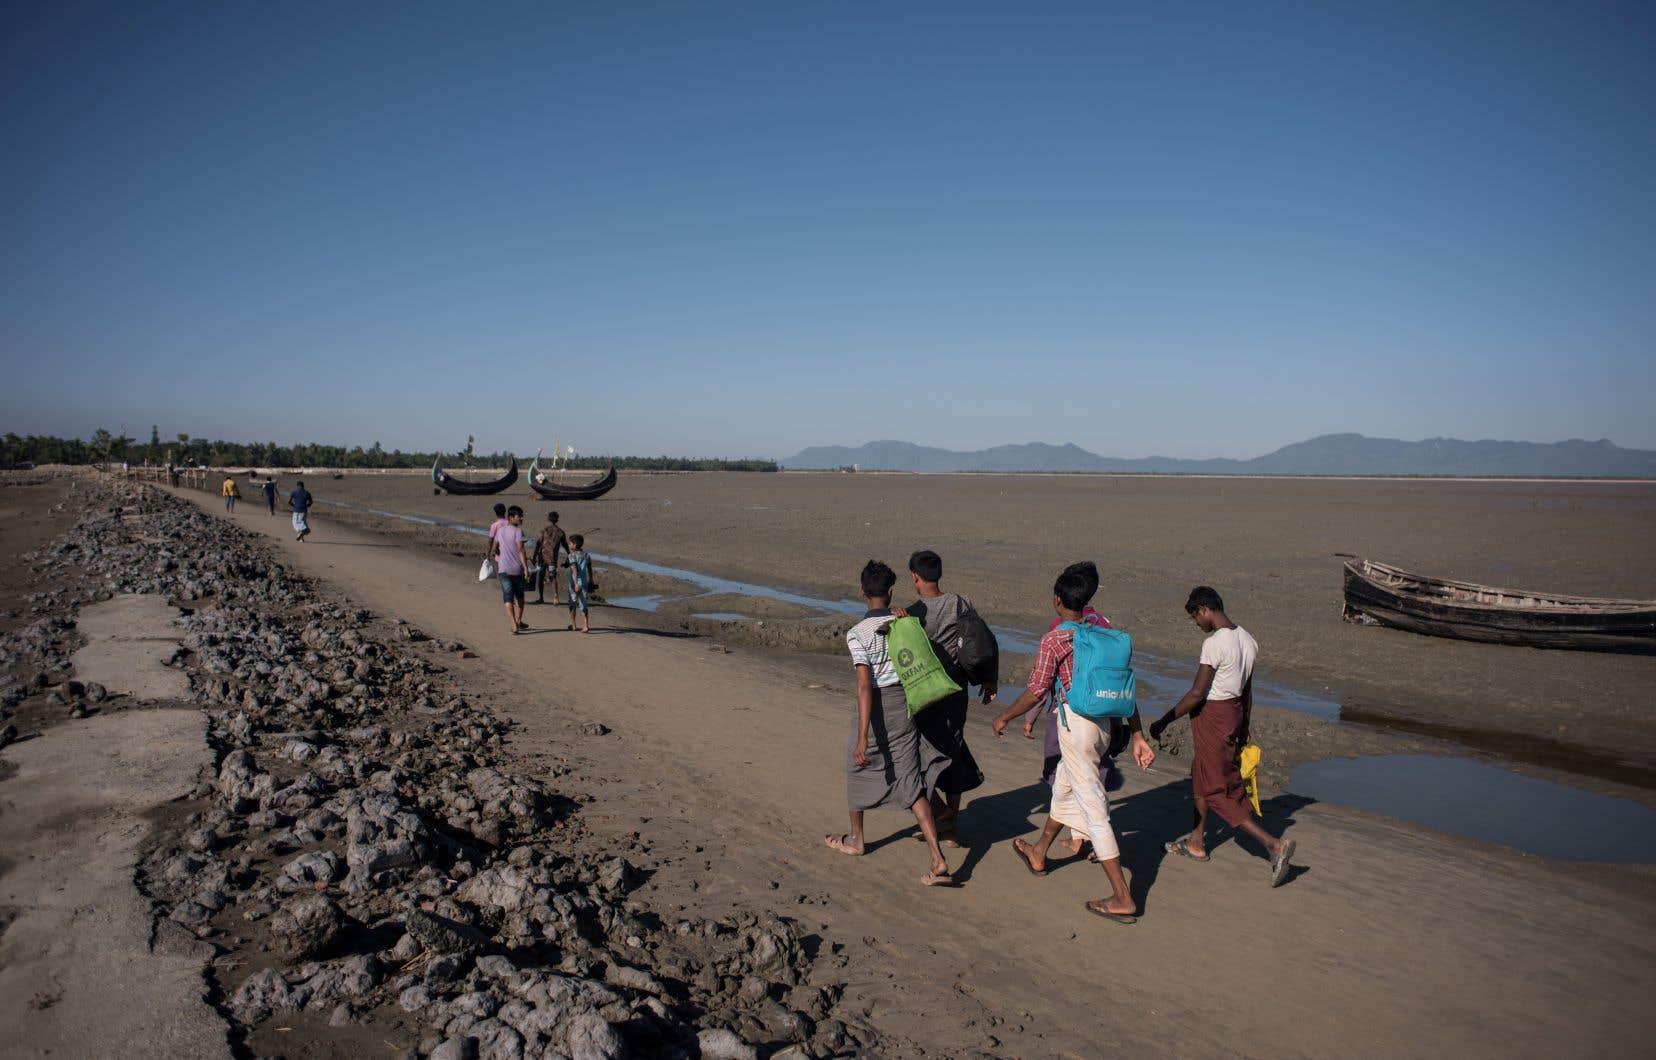 <p>Plus de 740000 Rohingyas avaient fui vers le Bangladesh voisin en 2017 face aux violences de l'armée birmane, qualifiées de «génocide» par les enquêteurs de l'ONU.</p>